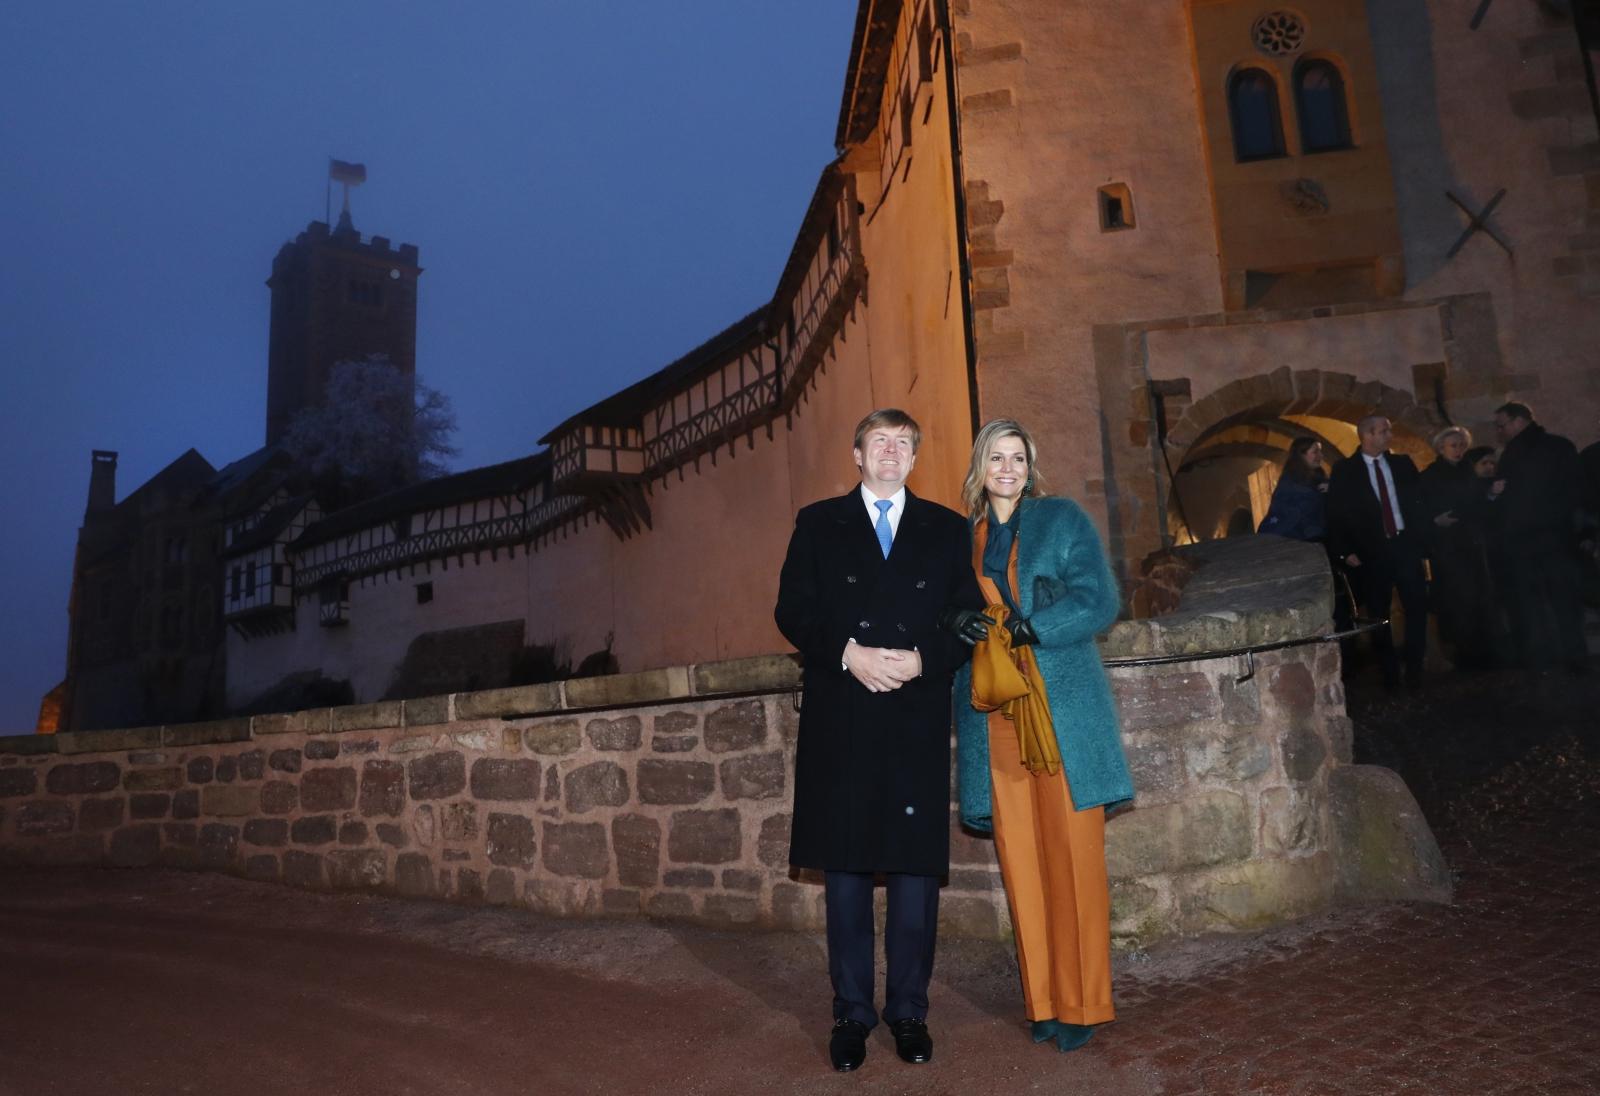 Król Holandii Willem-Alexander z żoną pozują przy zamku Wartburg.